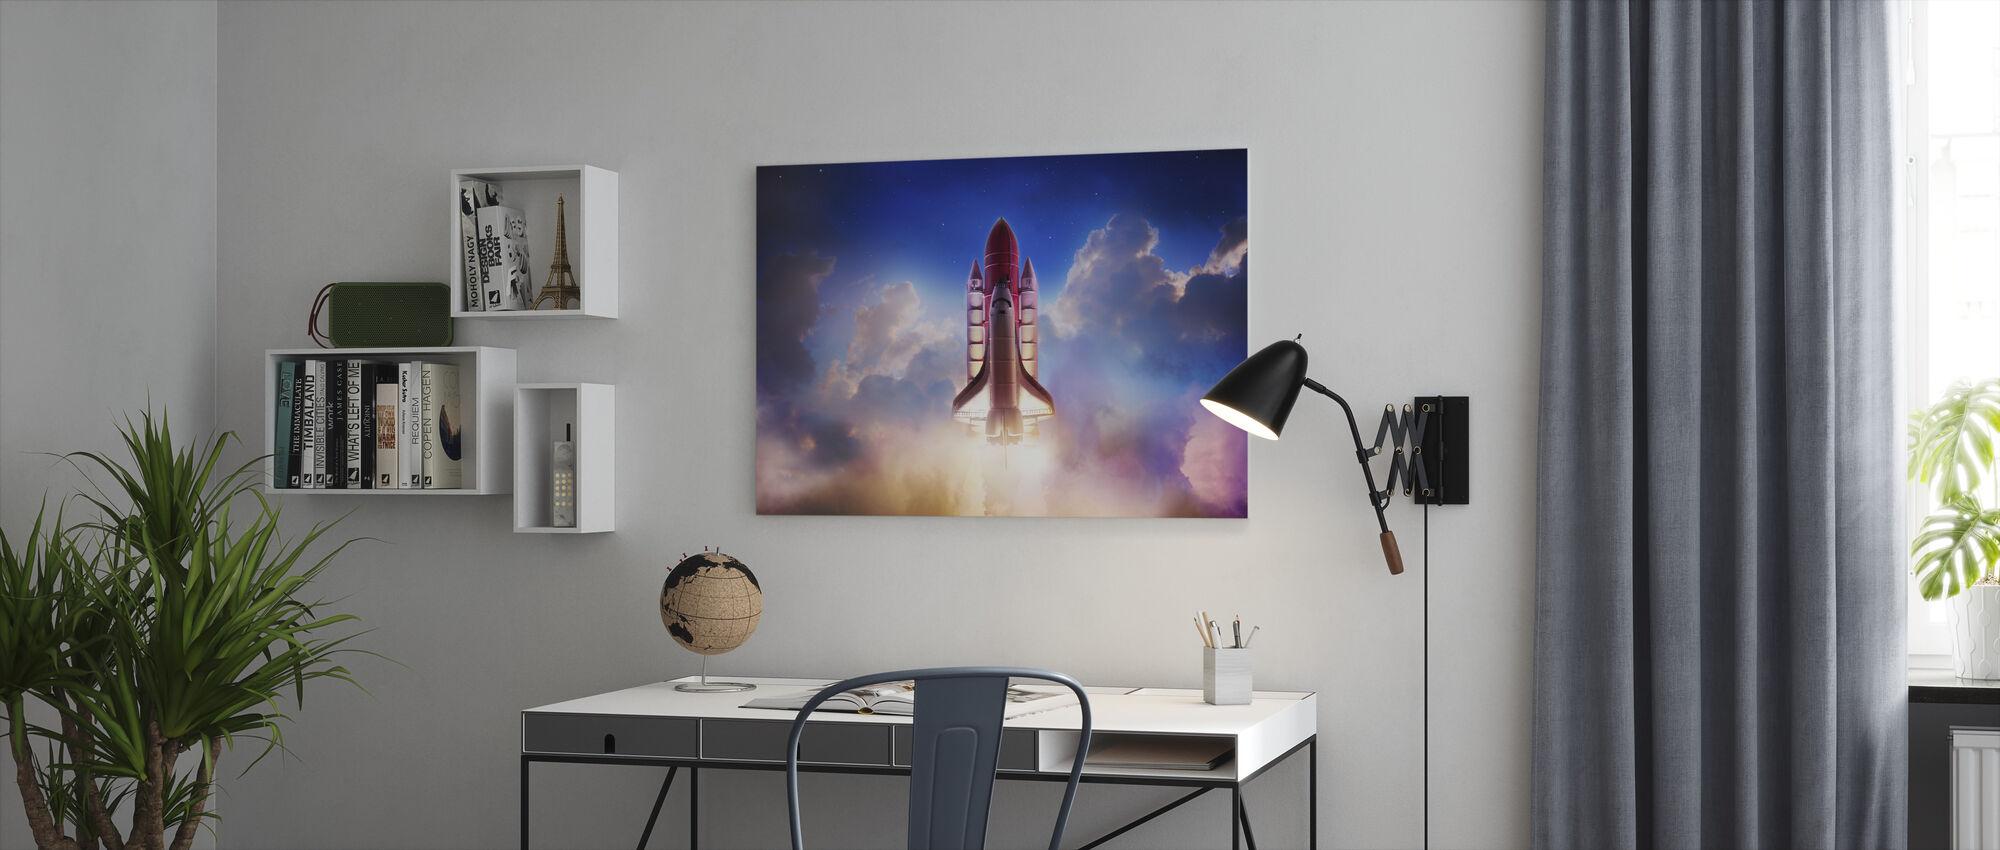 Dragkraft ut i rymden - Canvastavla - Kontor